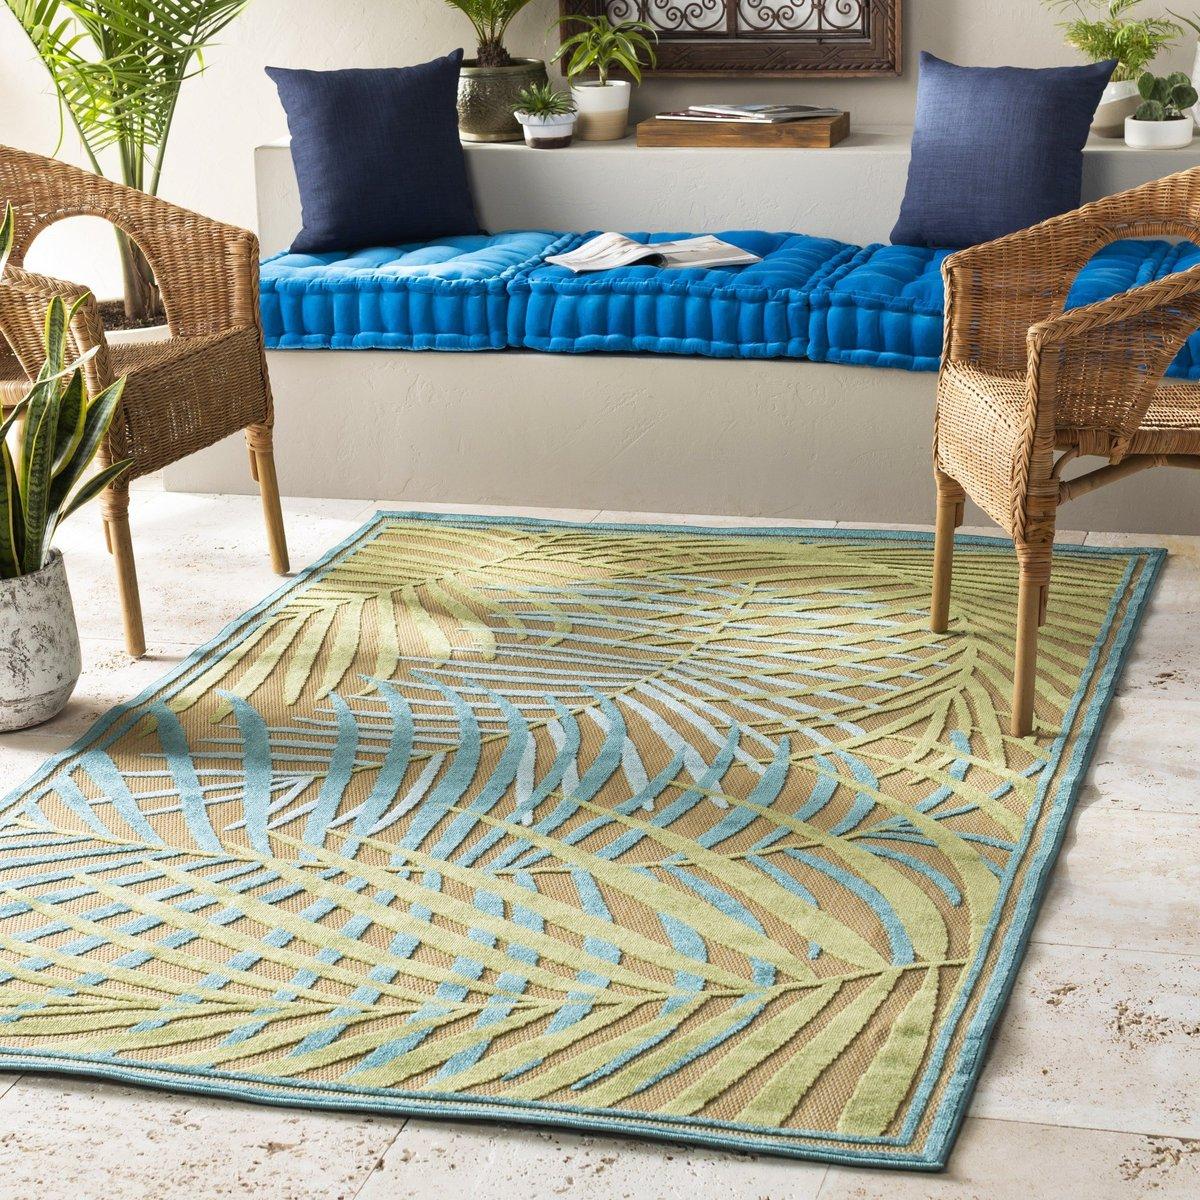 Tropical Outdoor Rug Ideas